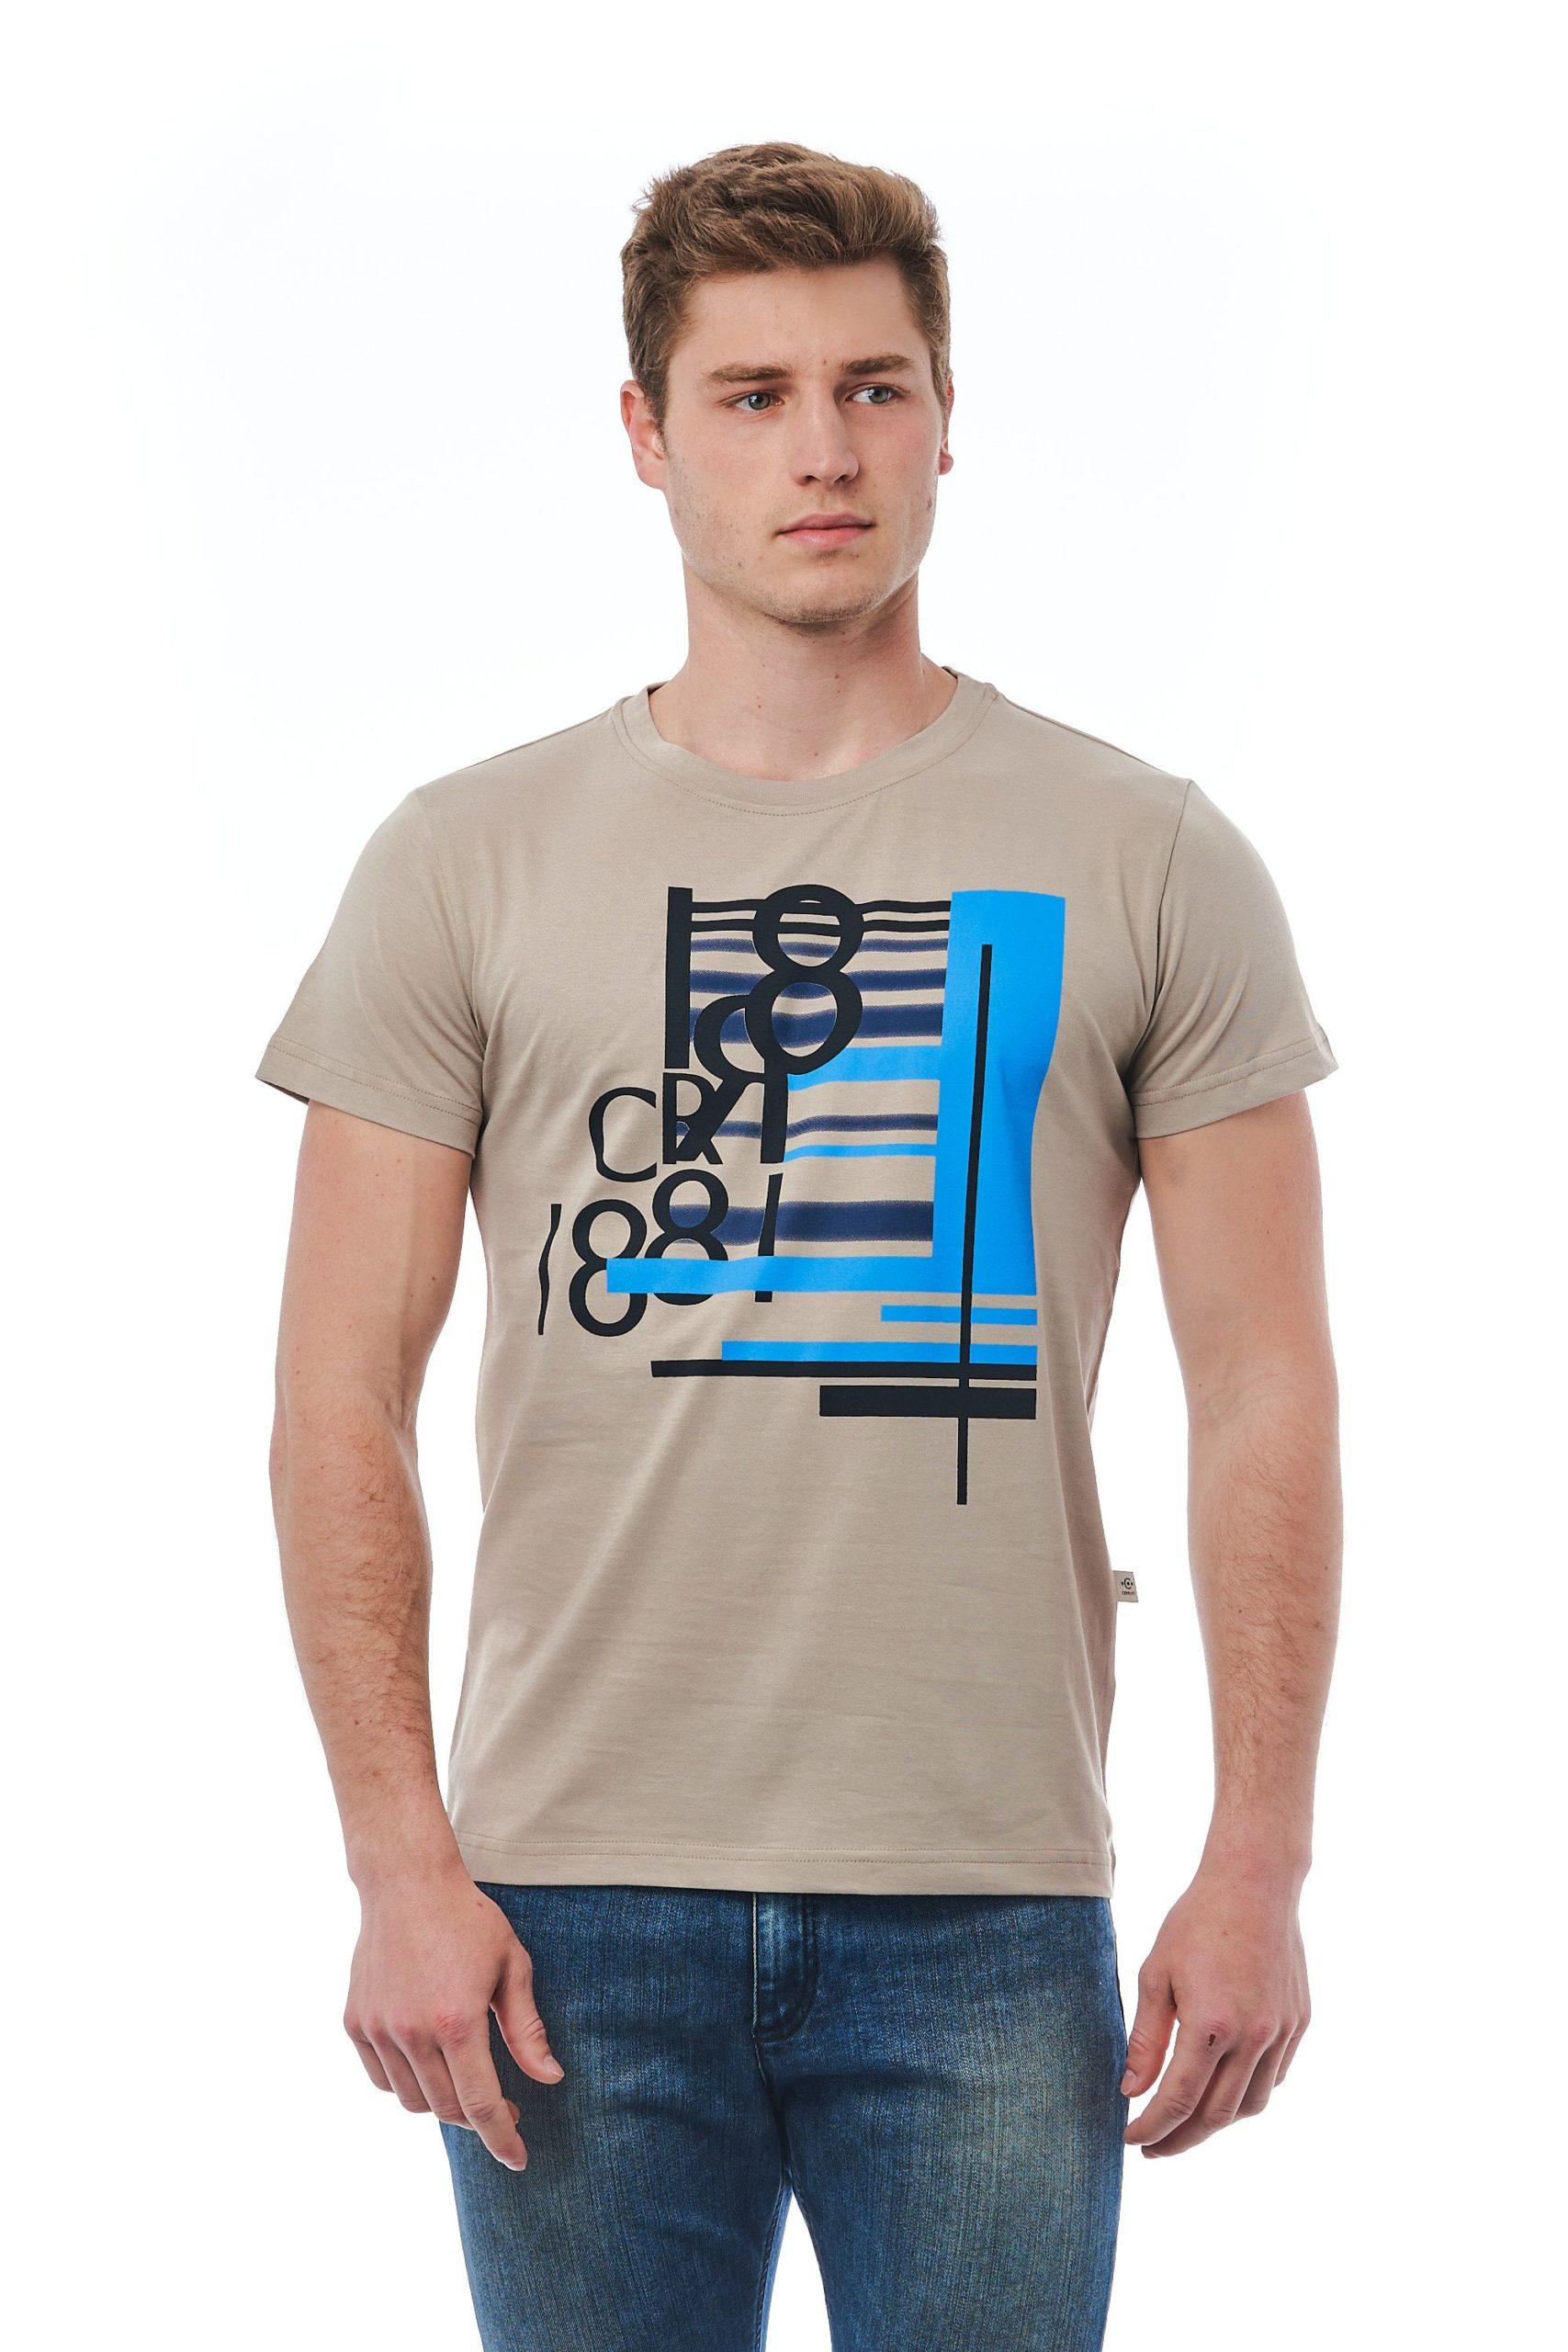 Cerruti 1881 Men's T-Shirt Beige CE1410125 - M